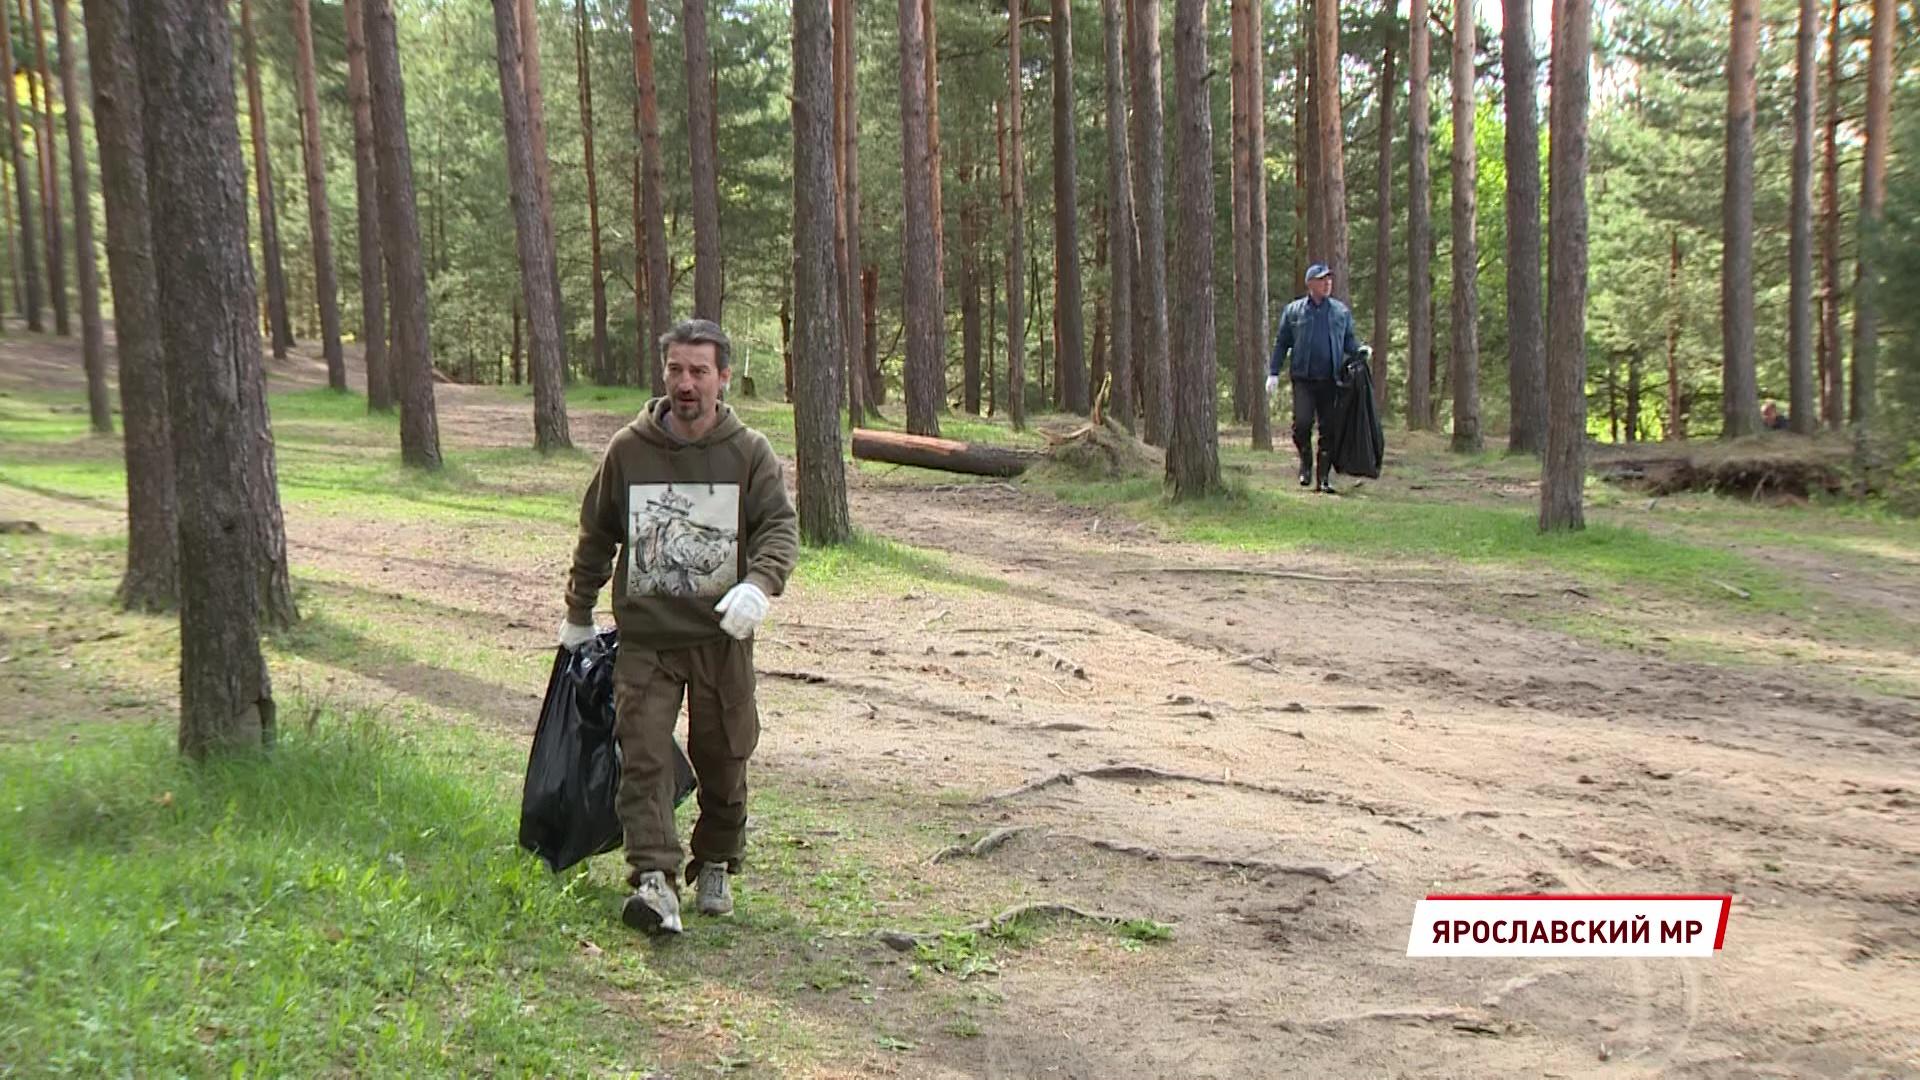 На Прусовских карьерах прошла генеральная уборка в рамках экологической акции